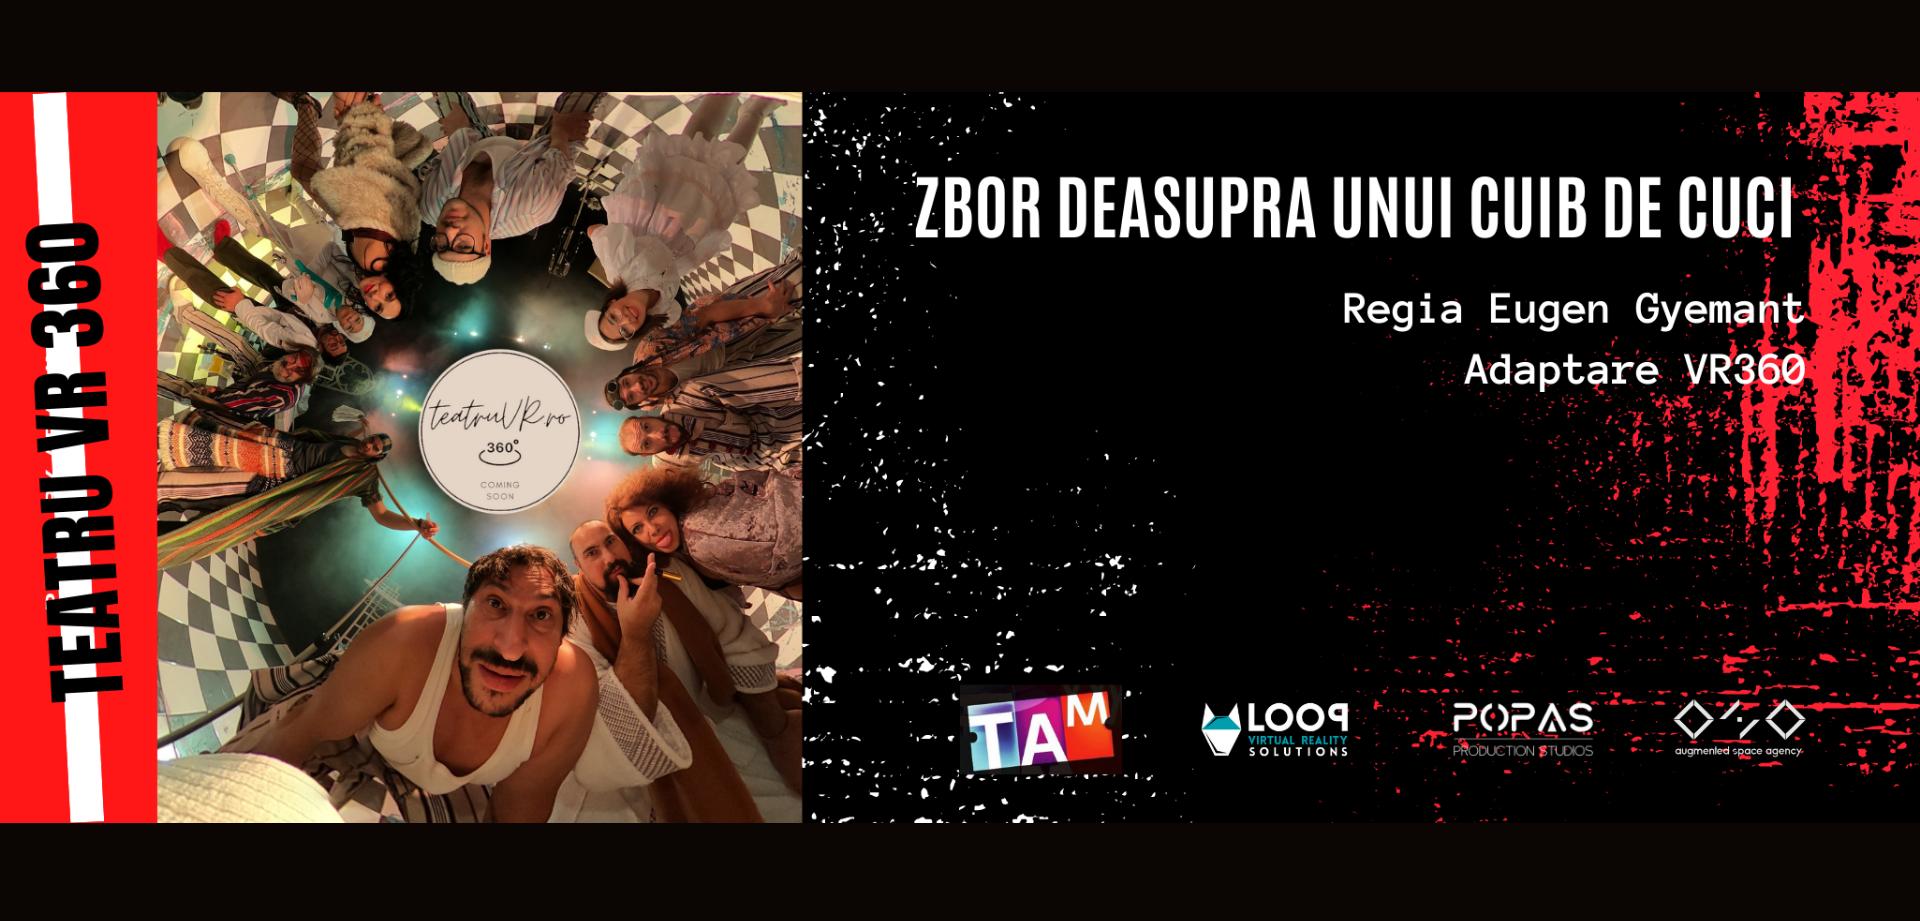 Teatru VR 360 - Zbor Deasupra Unui Cuib de Cuci - Eugen Gyemant - Tetarul Andrei Muresanu